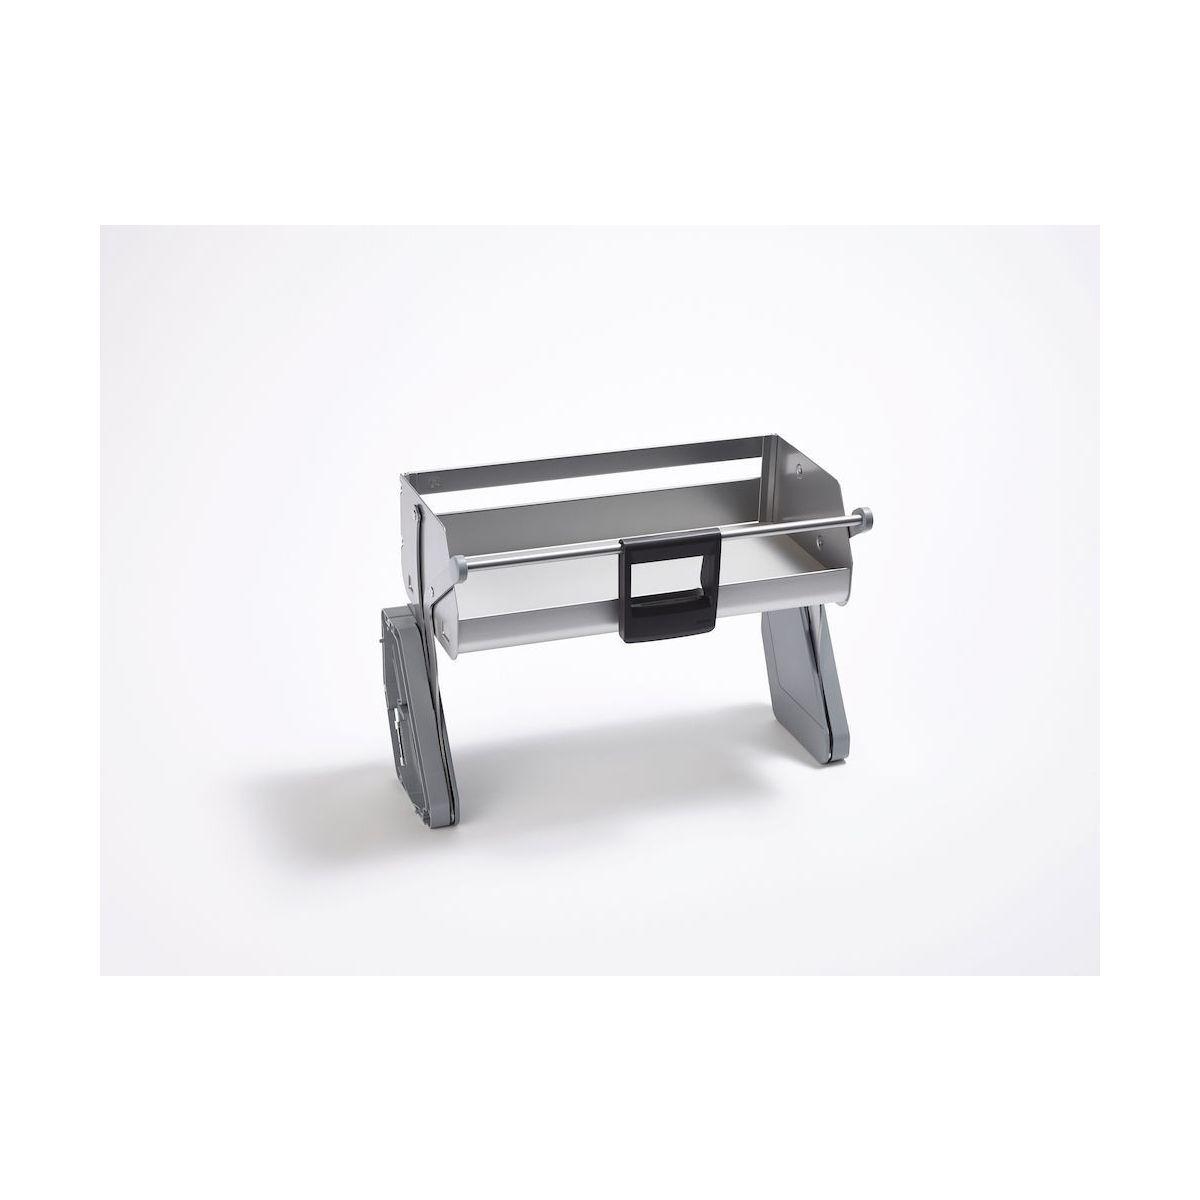 Imove bovenkast uittreksysteem 1 plateau kast 80 Zilver kopen met korting